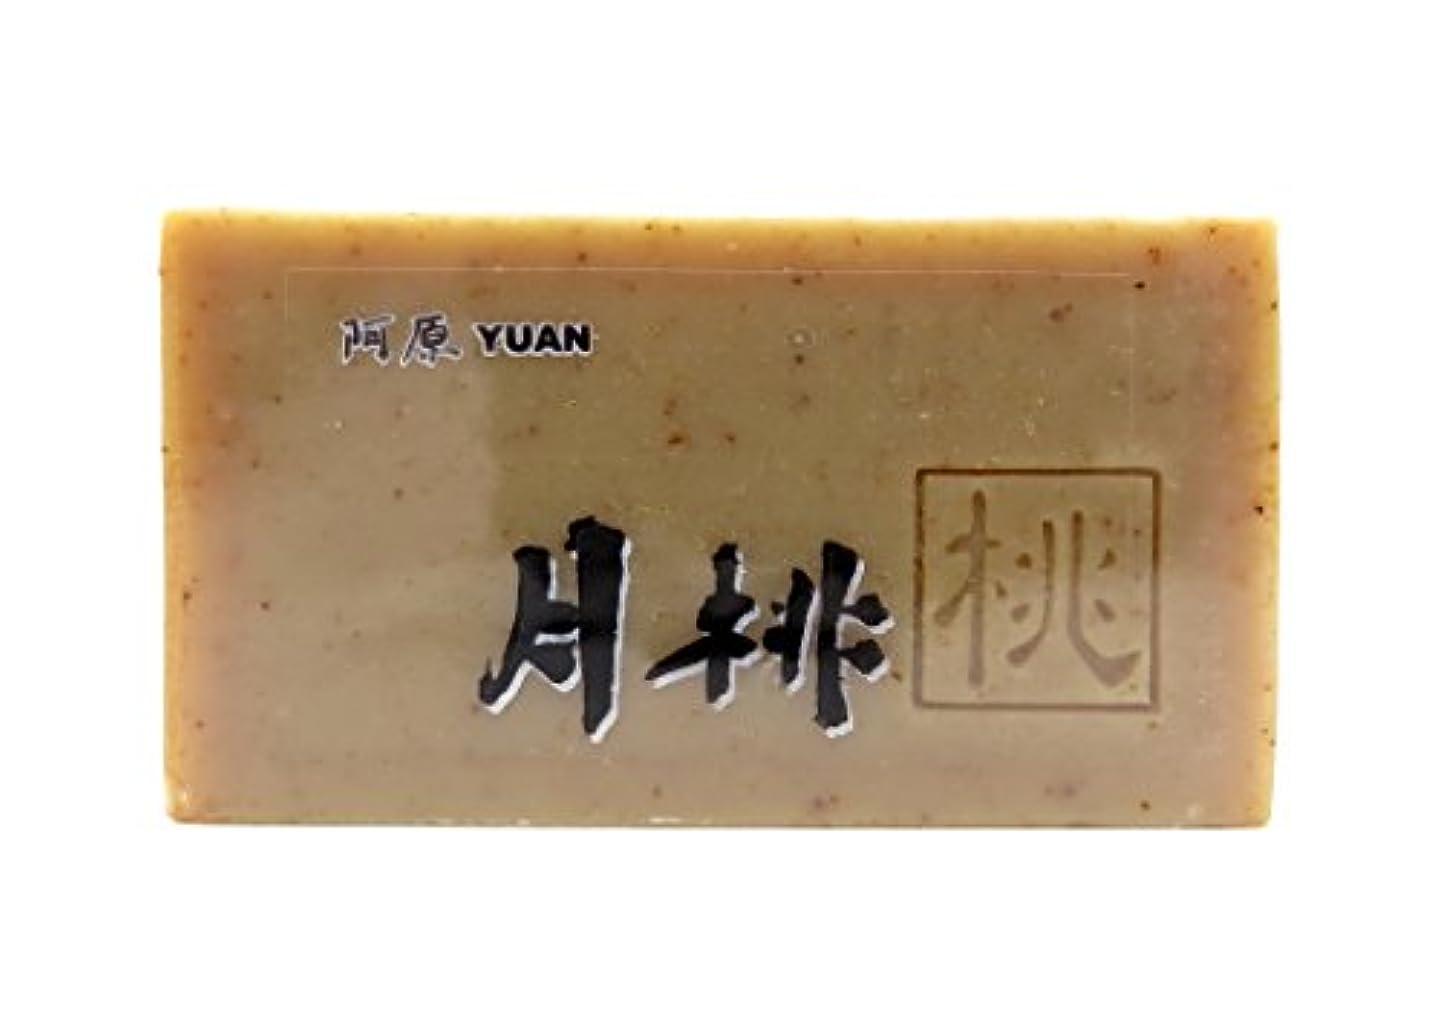 高架マリン消すユアン(YUAN) 月桃(ゲットウ)ソープ 固形 100g (阿原 ユアンソープ)